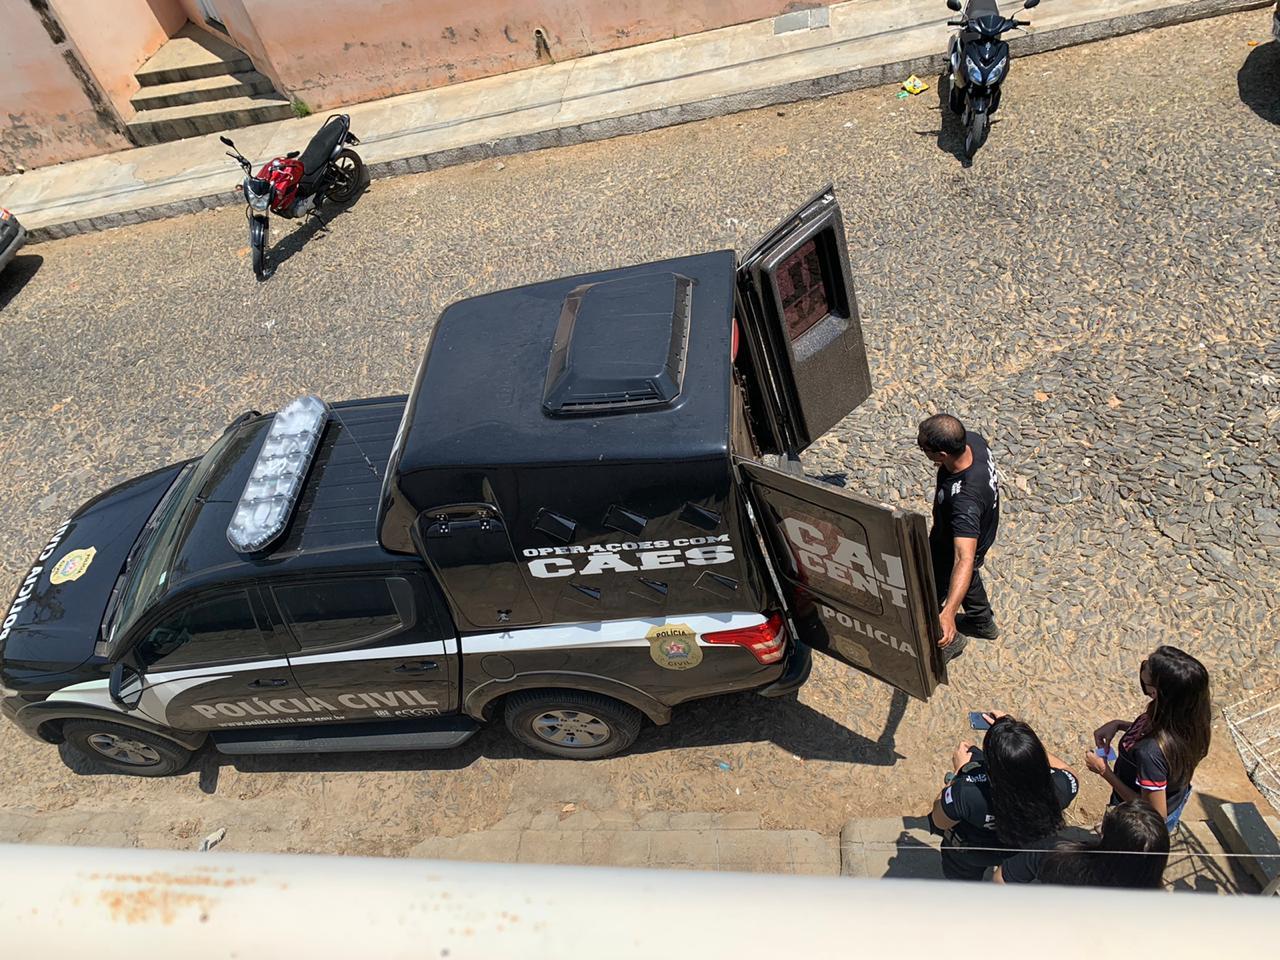 Polícia prende cinco suspeitos de tráfico de drogas em Araçuaí - Foto: Divulgação/Polícia Civil